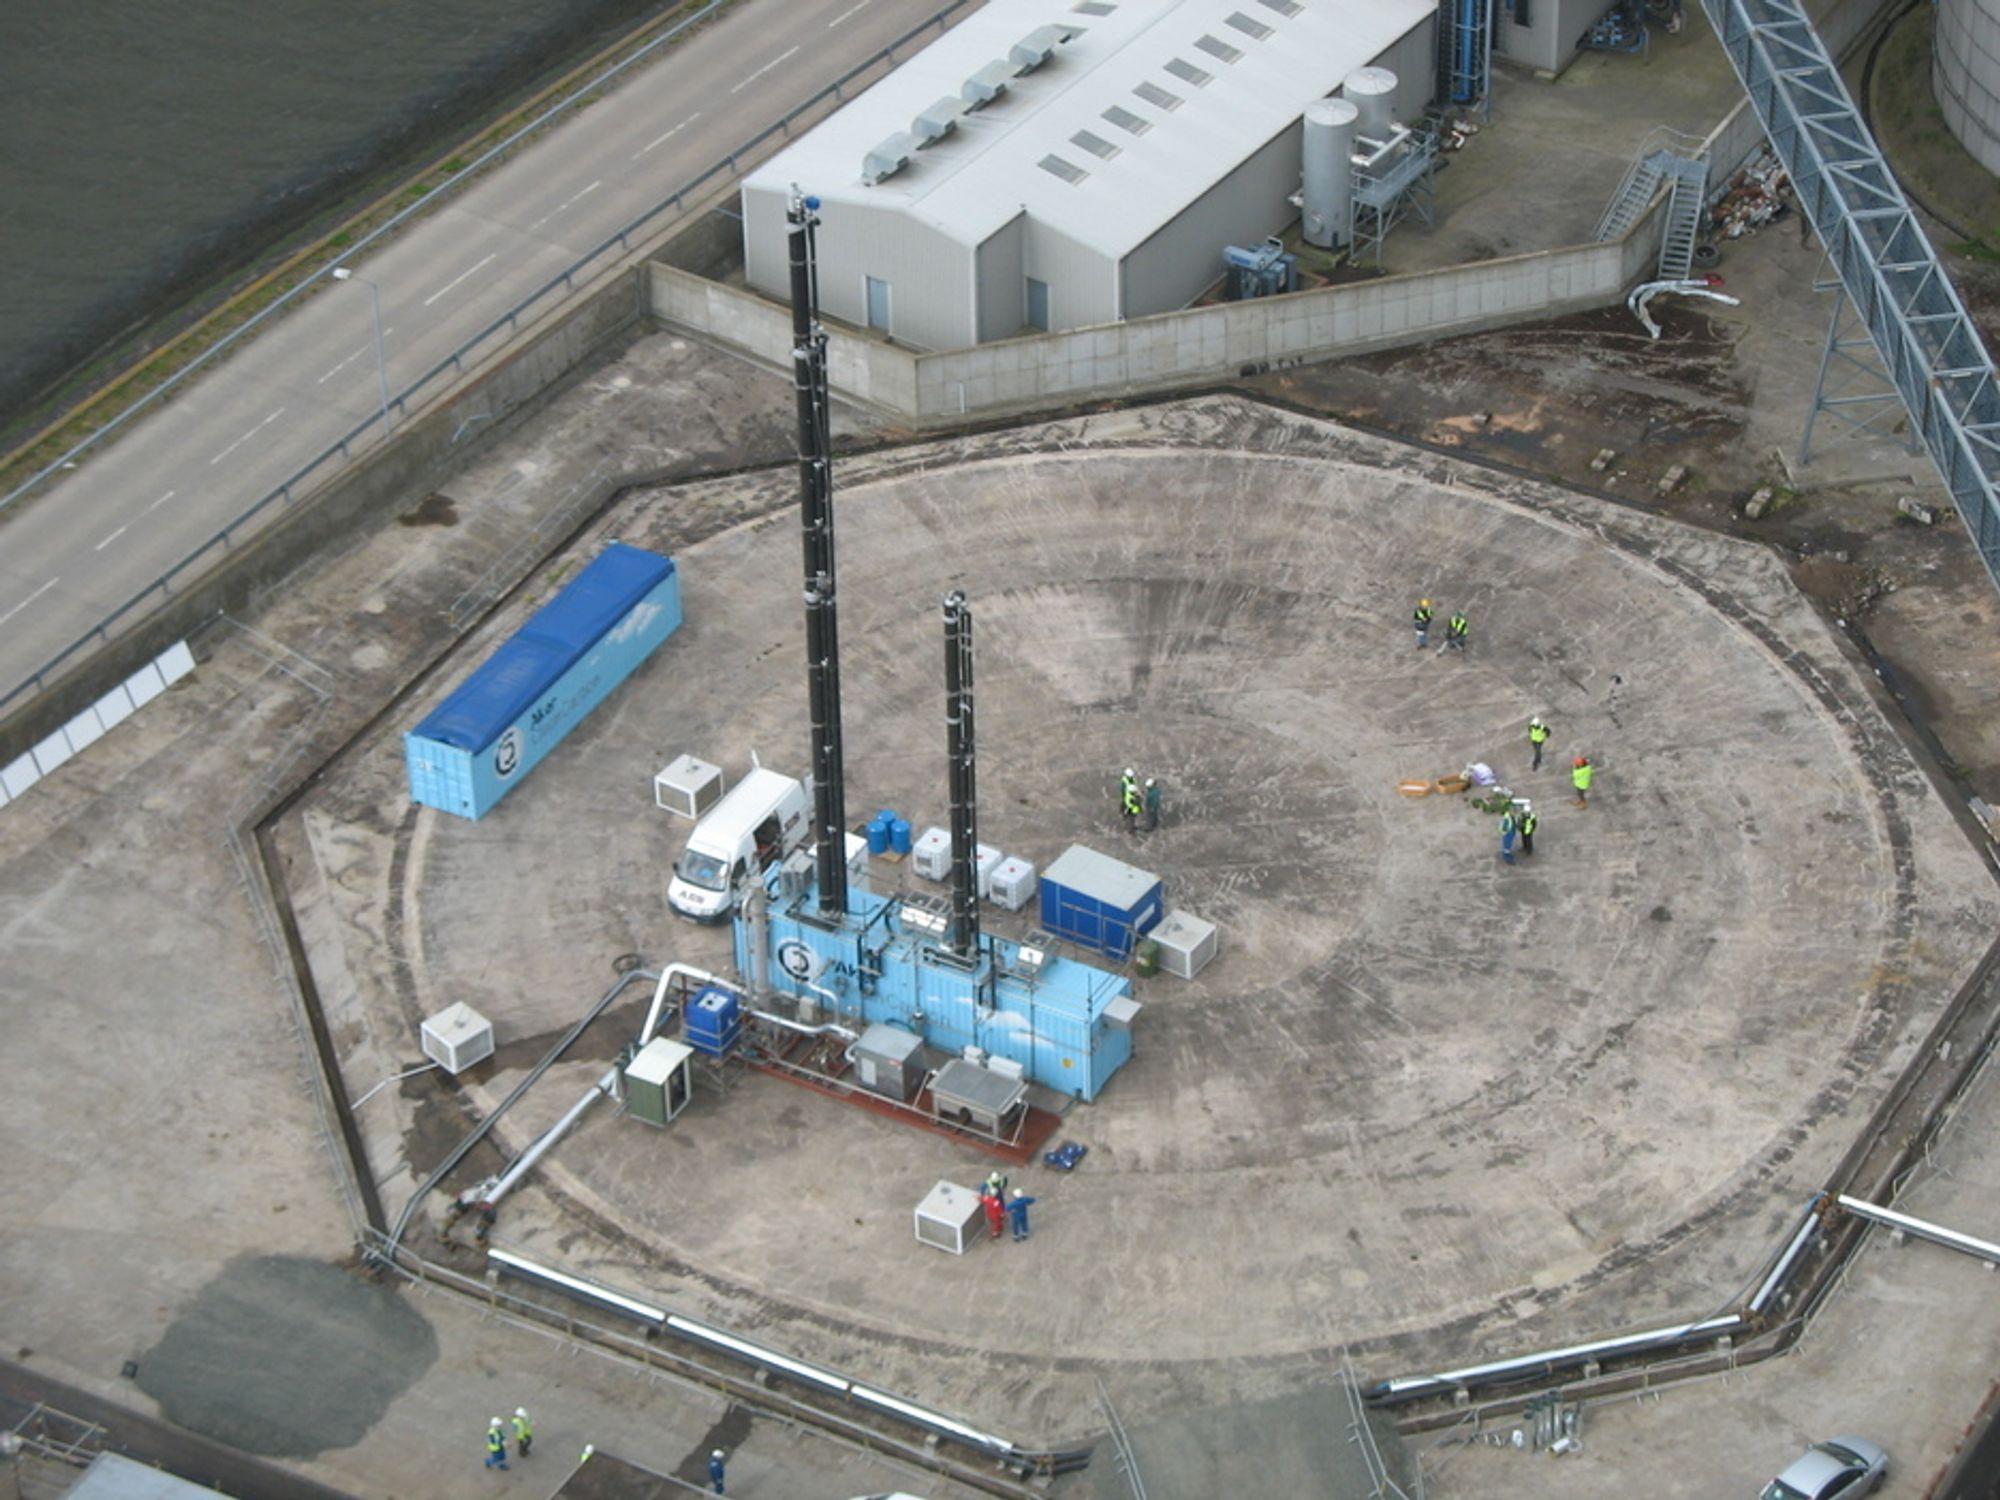 NY KONTRAKT: Dette er Aker Clean Carbons mobile testenhet for CO2-fangst for bruk på kullkraftverket Longannet. Nå har selskapet fått kontrakt om å levere fangstteknologi til italienske Enels oljekraftverk Porto Tolle.